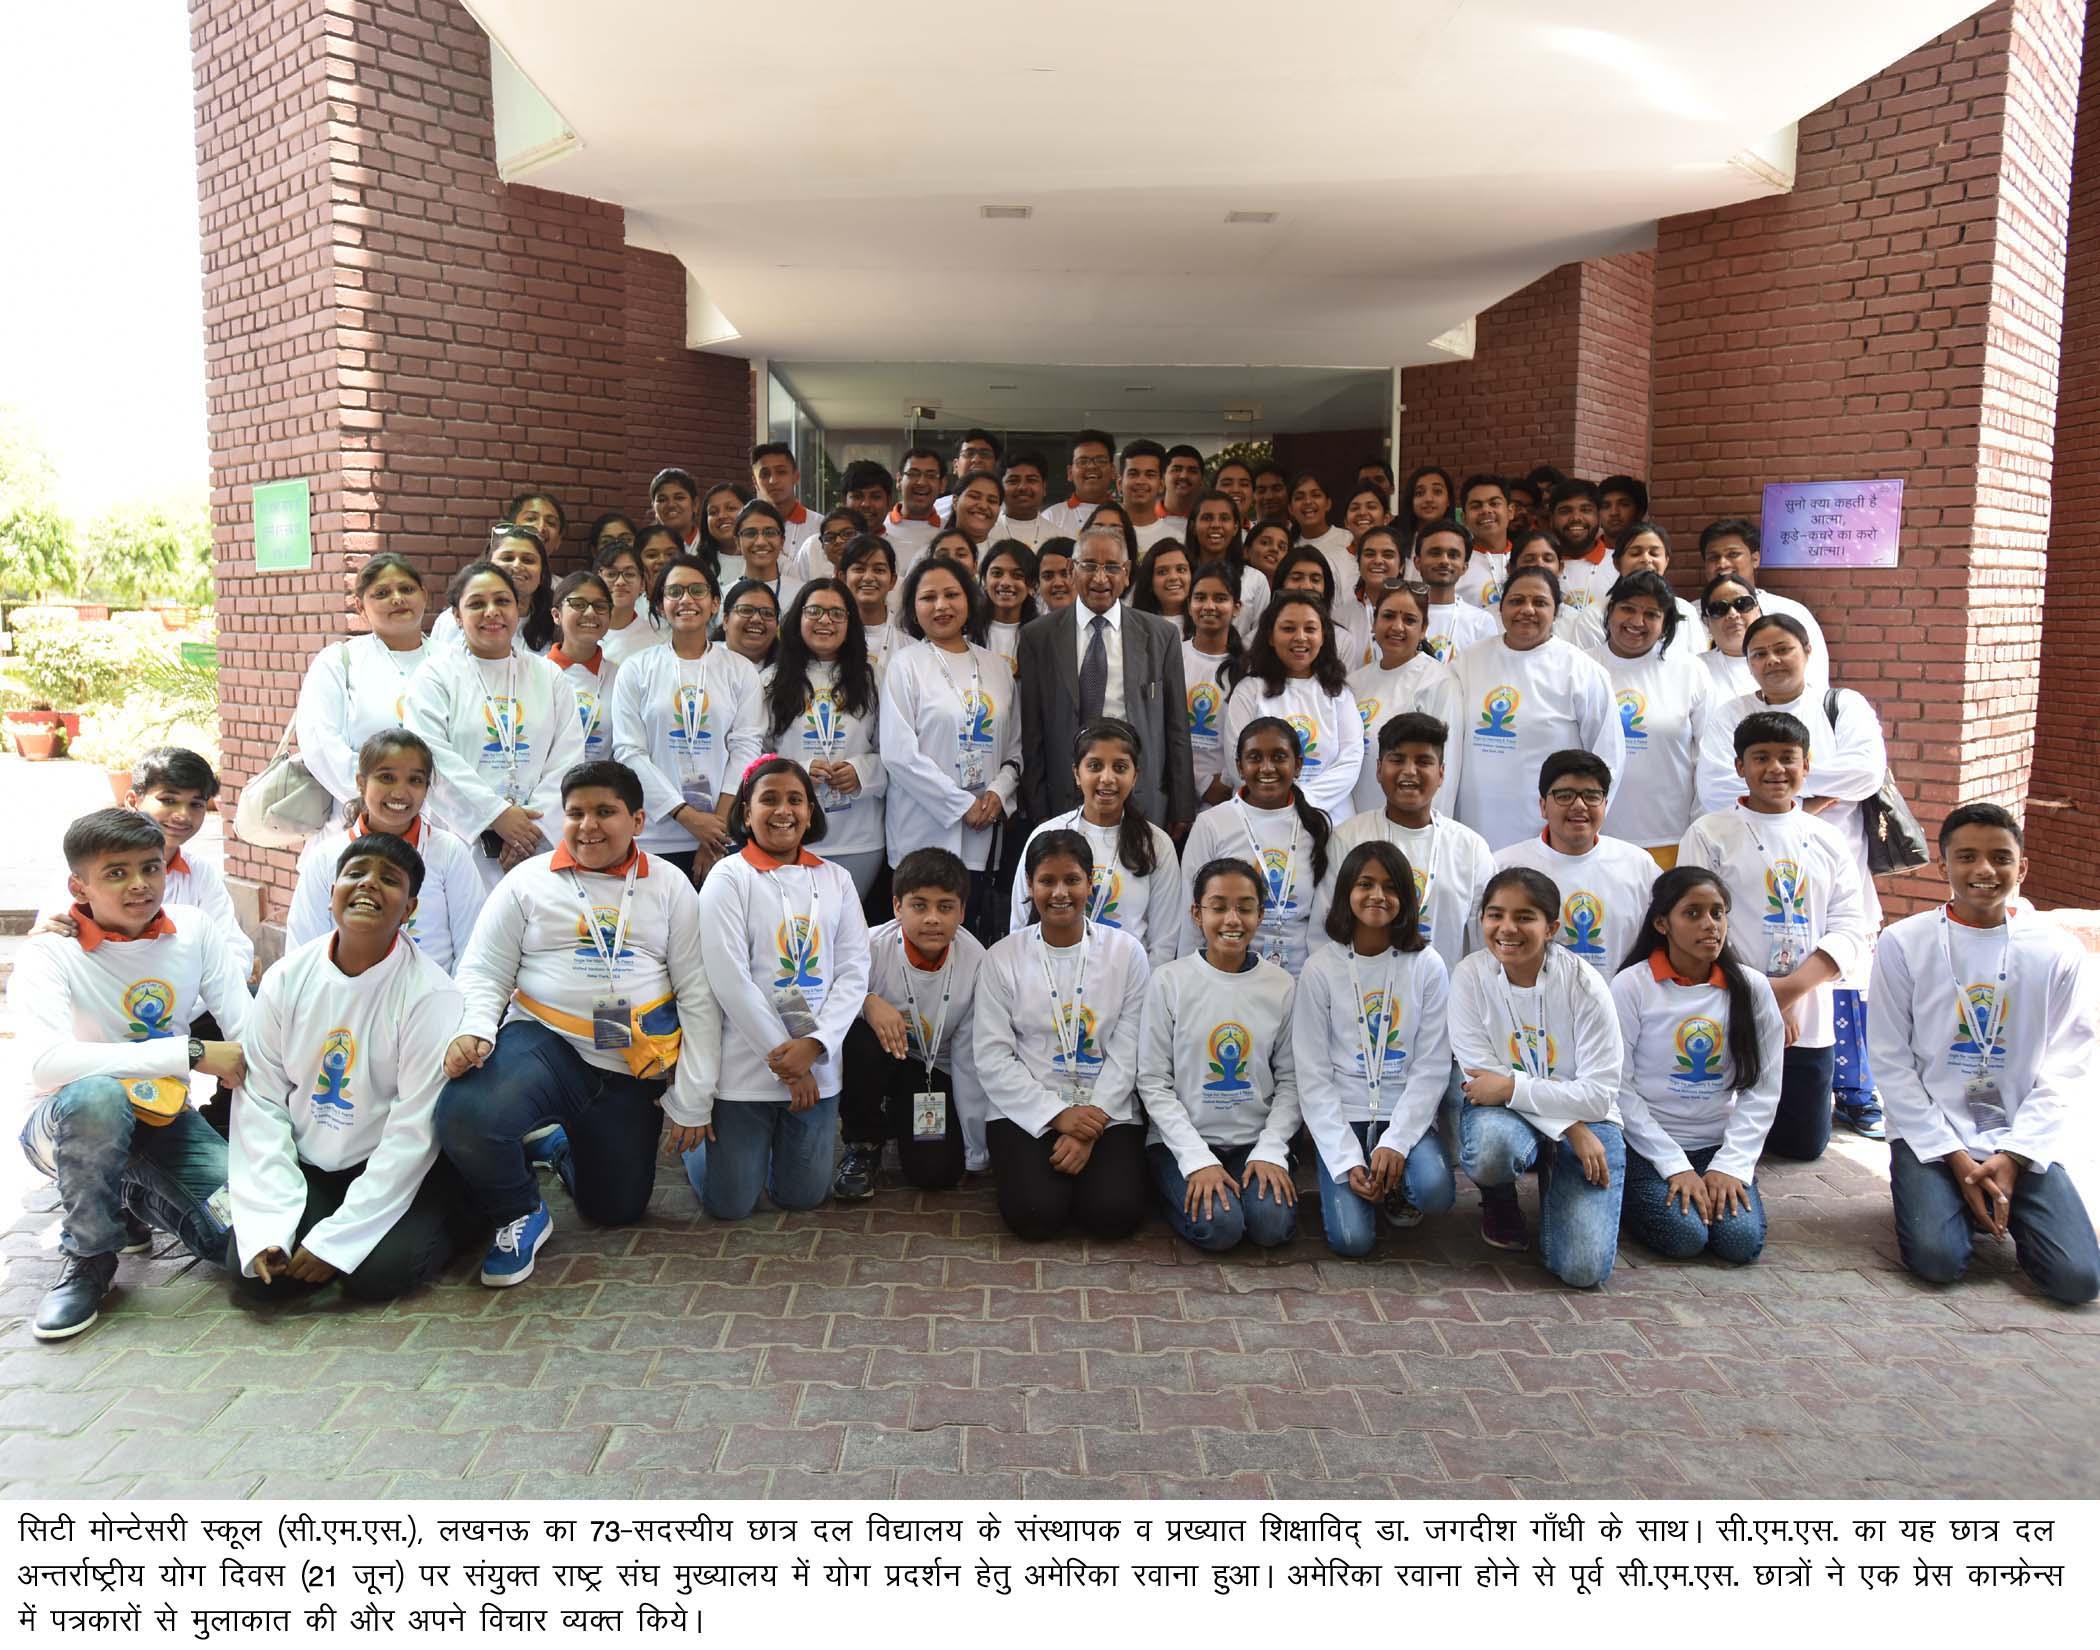 Photo courtesy: City Montessori School